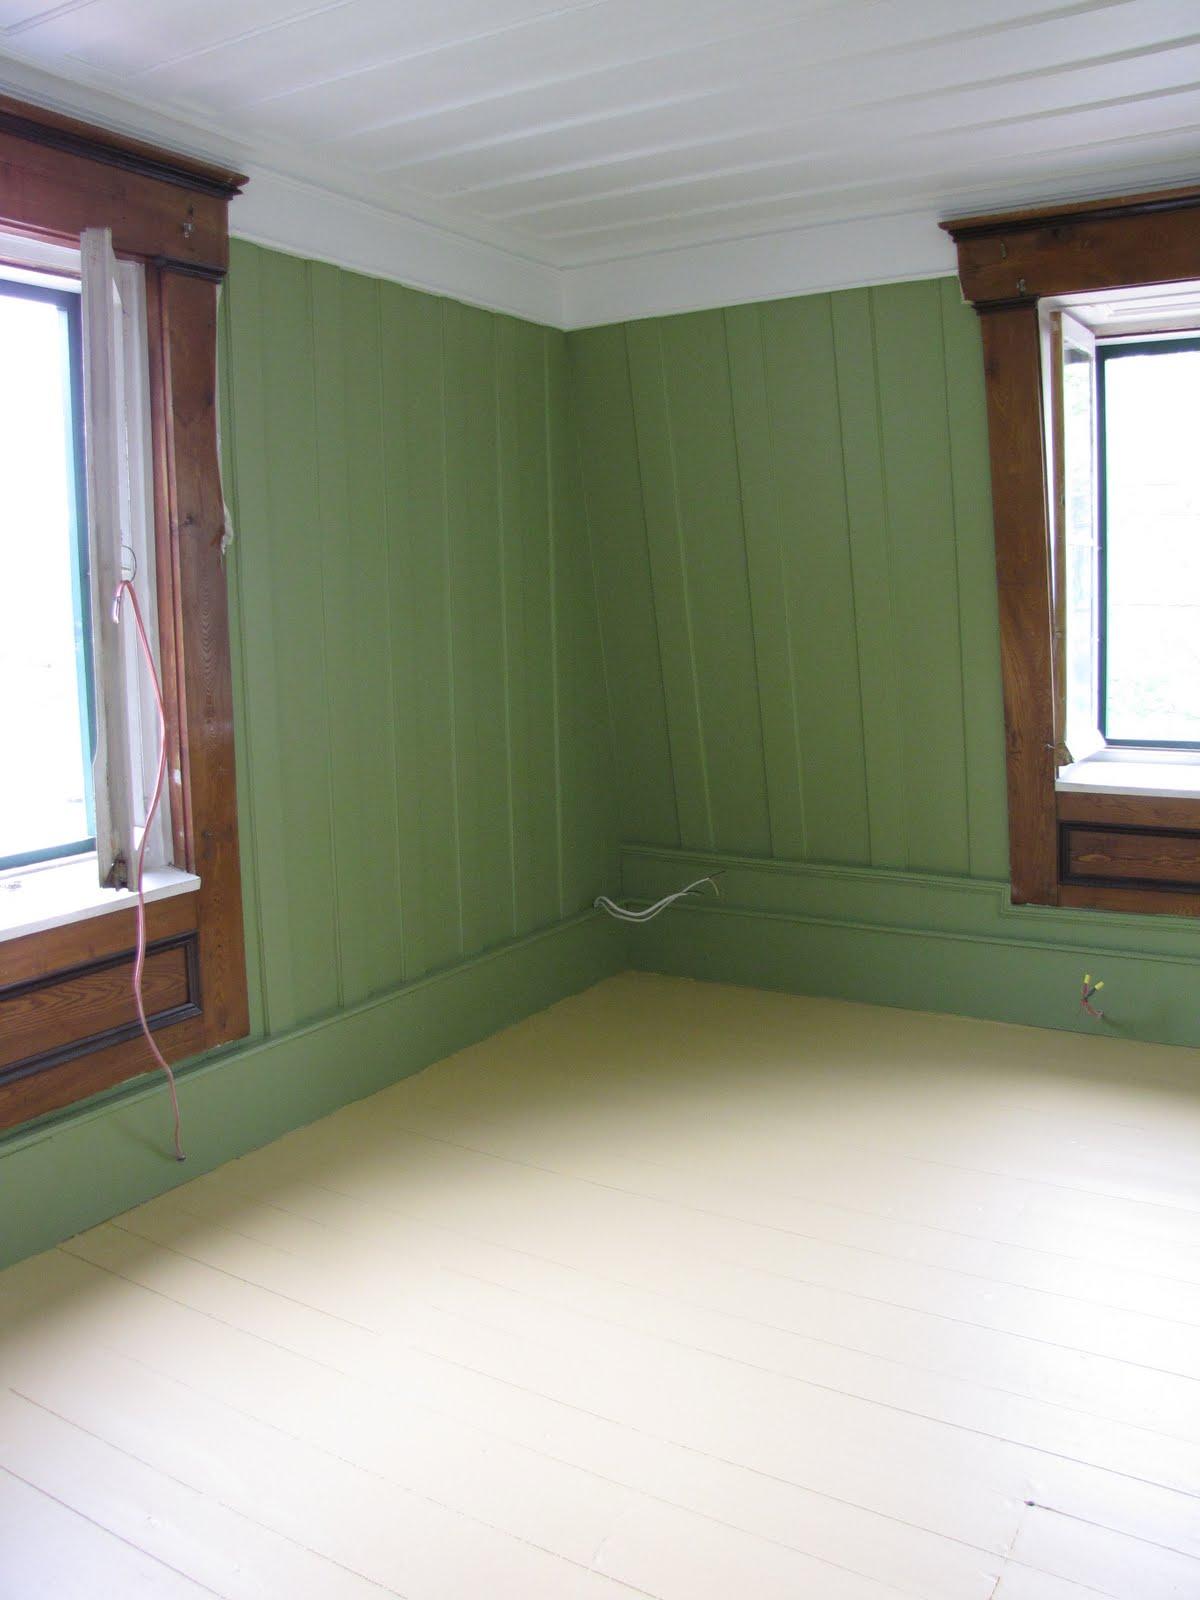 maison francoeur une chambre de pr te. Black Bedroom Furniture Sets. Home Design Ideas